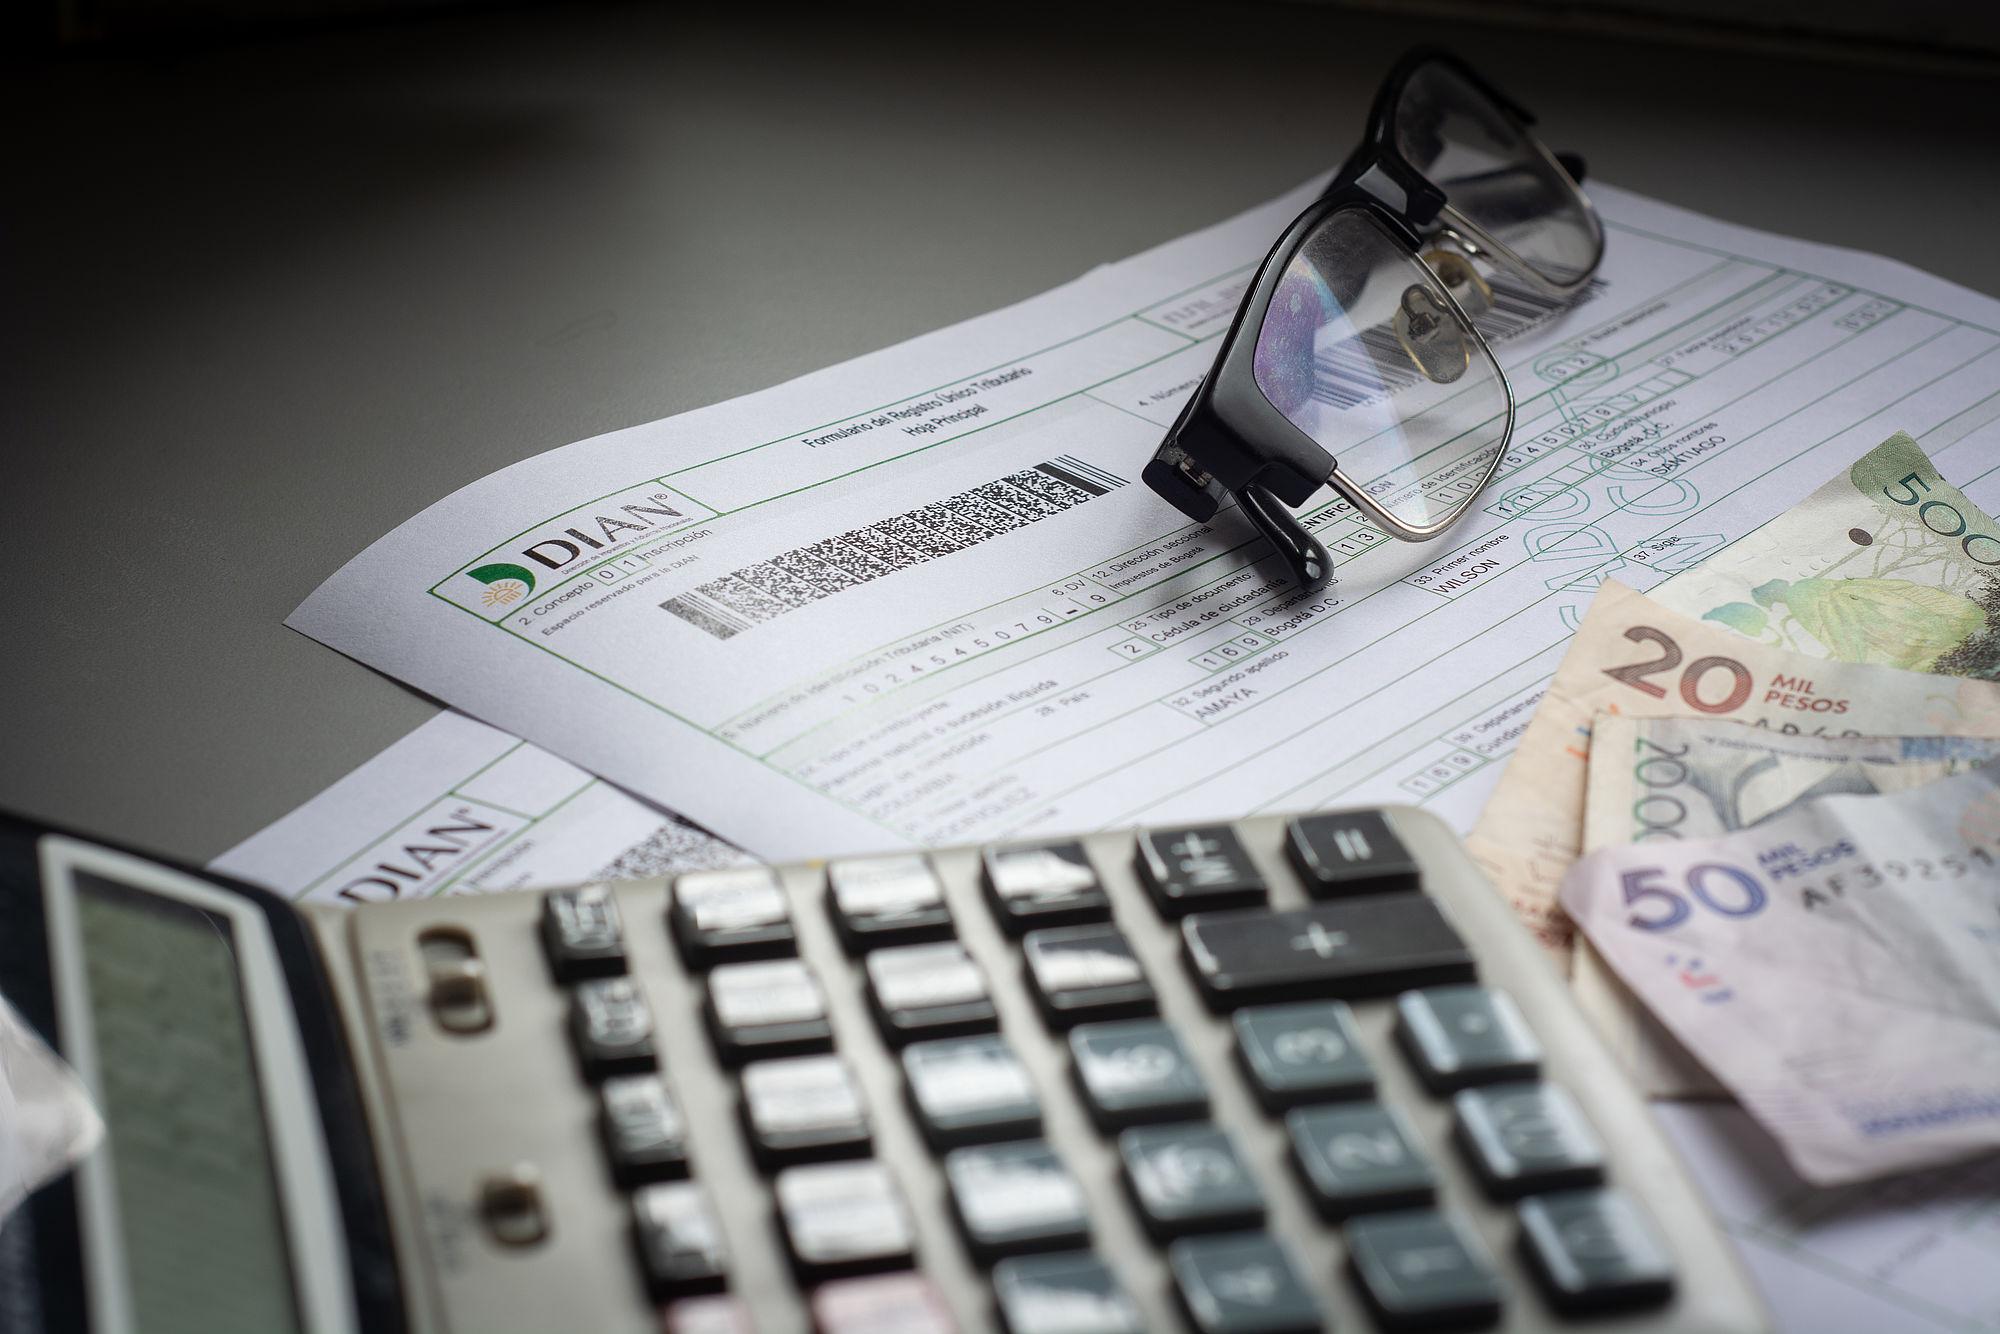 Verdicto de la corte Constitucional. Por vicios de trámite tumbaron toda la Ley de Financiamiento   Nacional   Economía   EL FRENTE